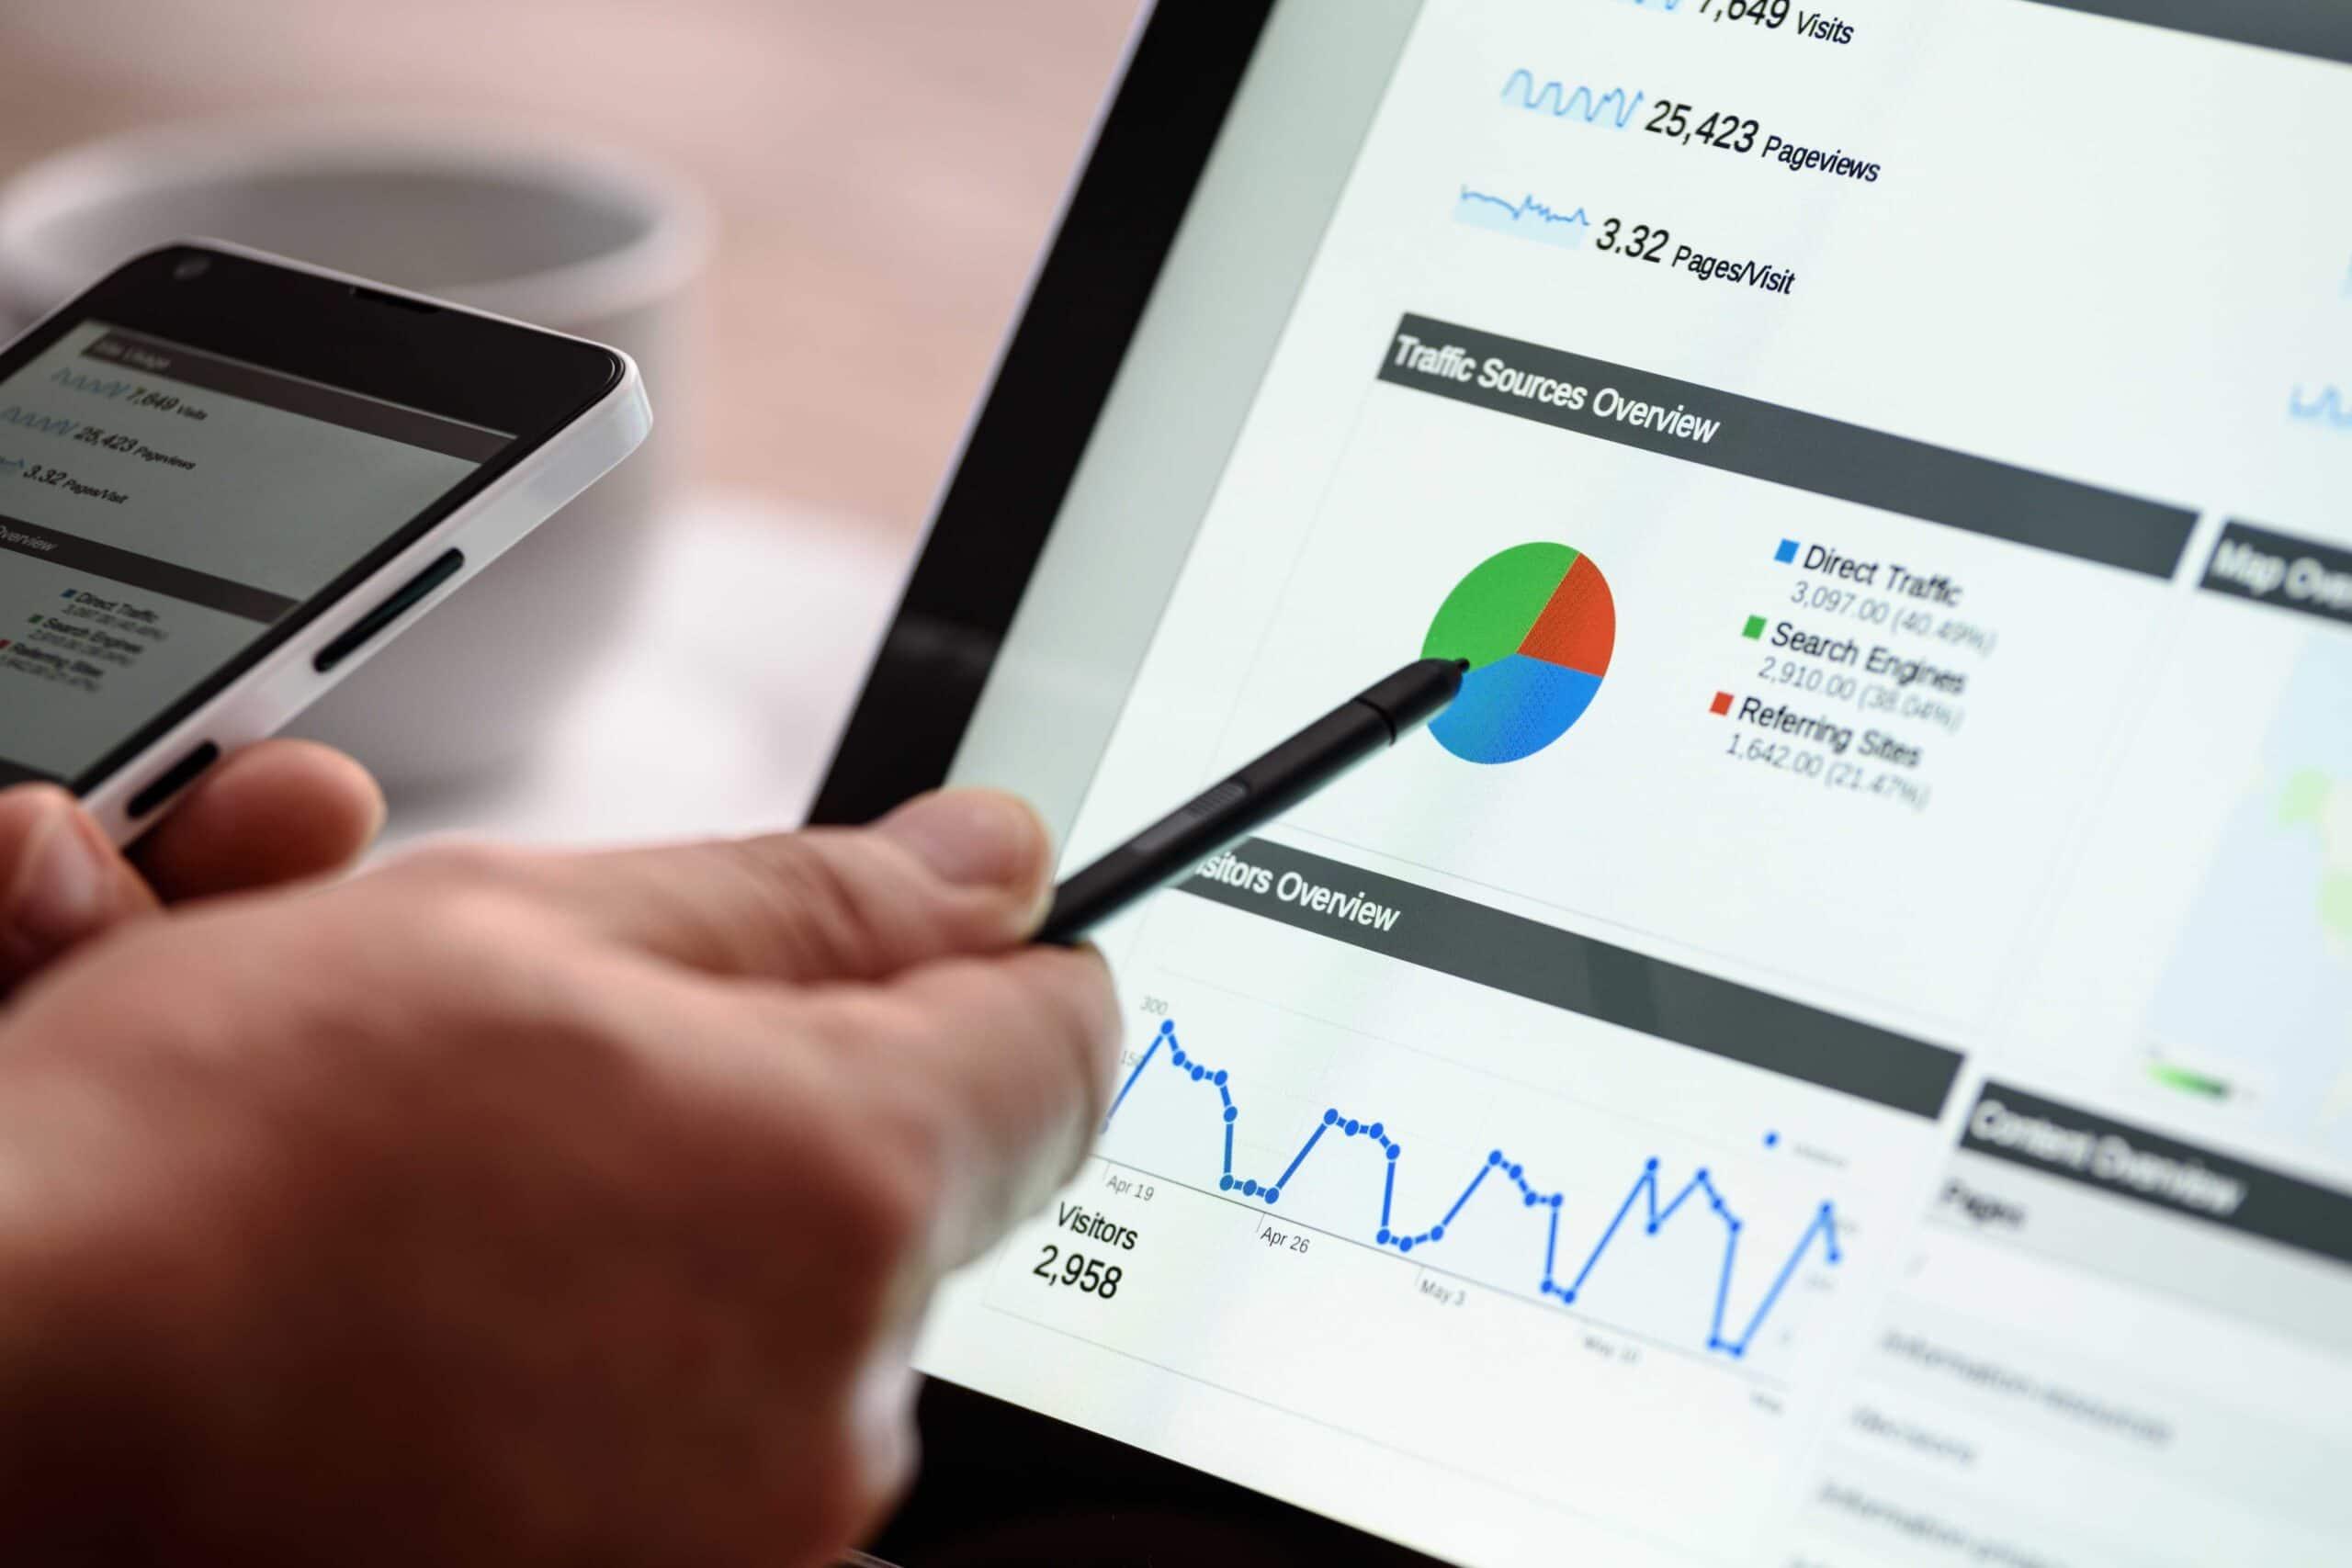 positives and negatives for registering for UK VAT